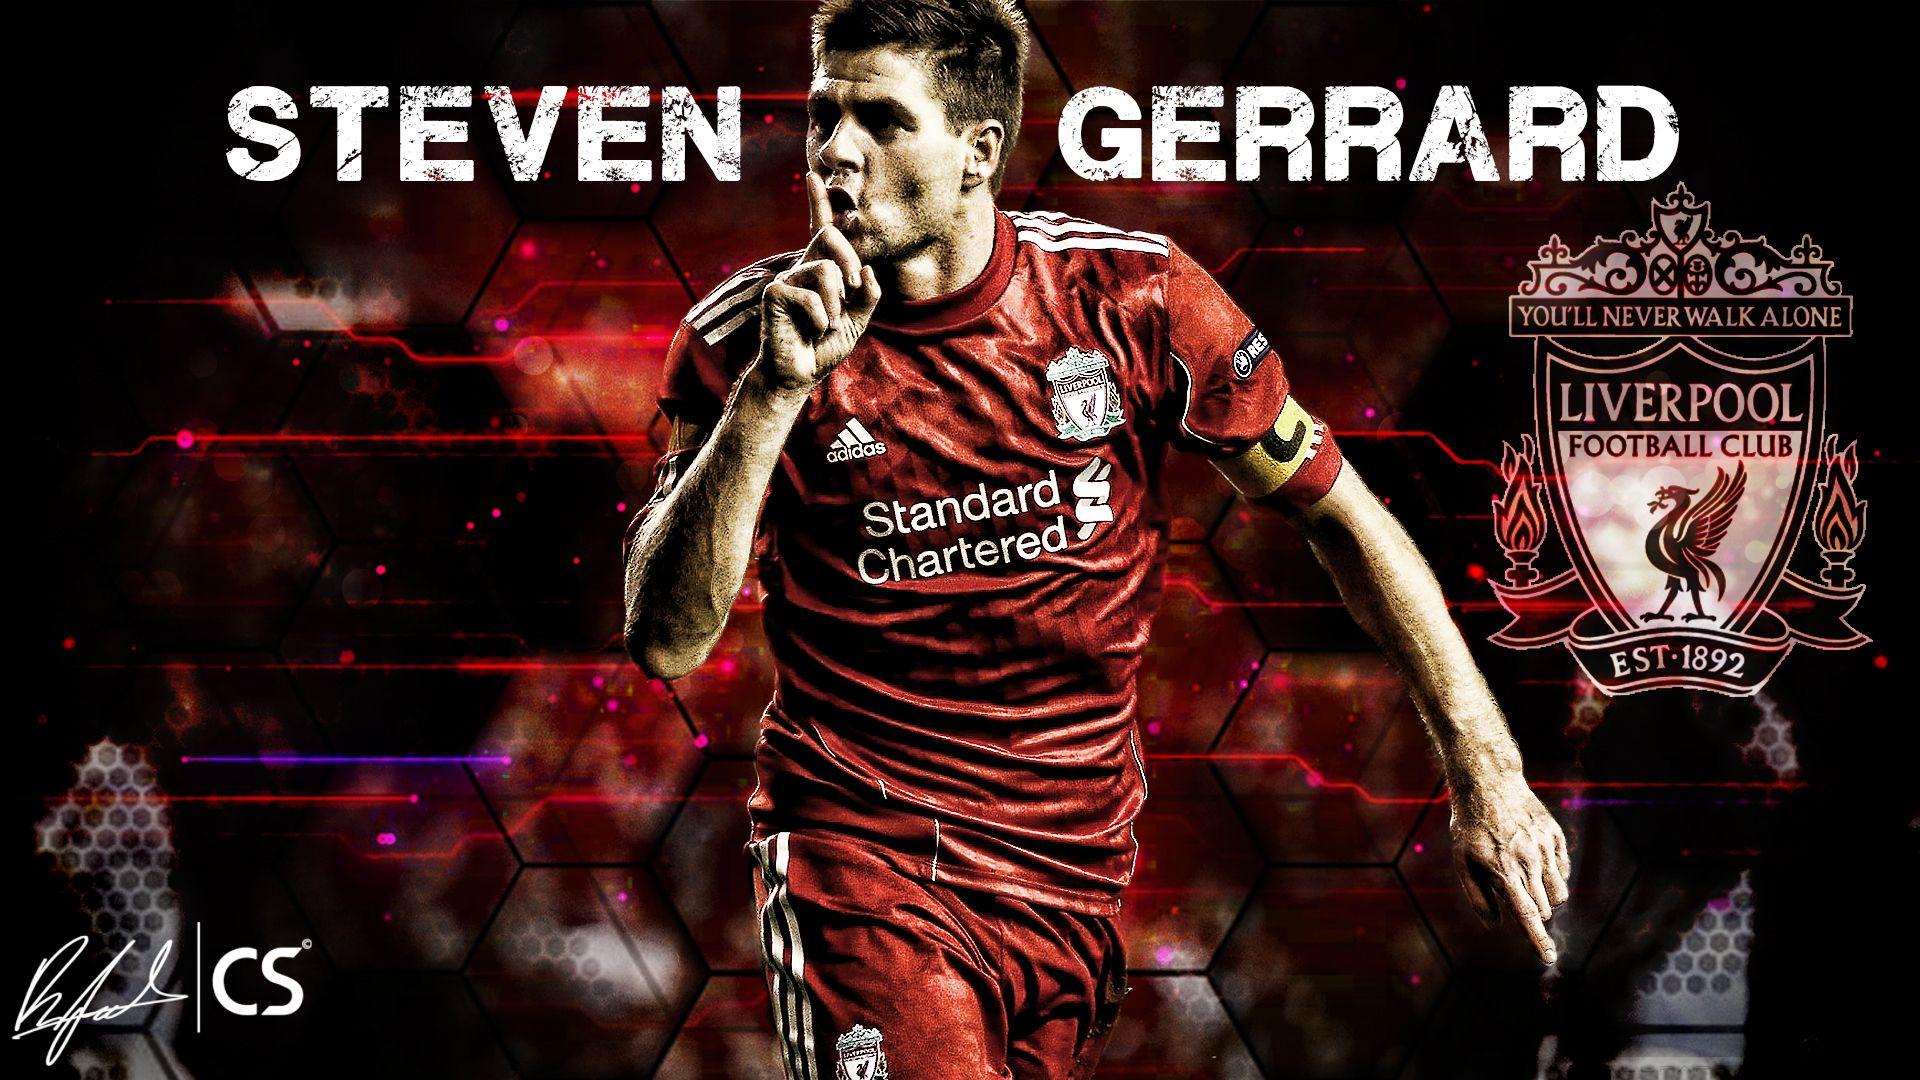 Steven Gerrard 10 Wallpaper HD Liverpool FC Pinterest